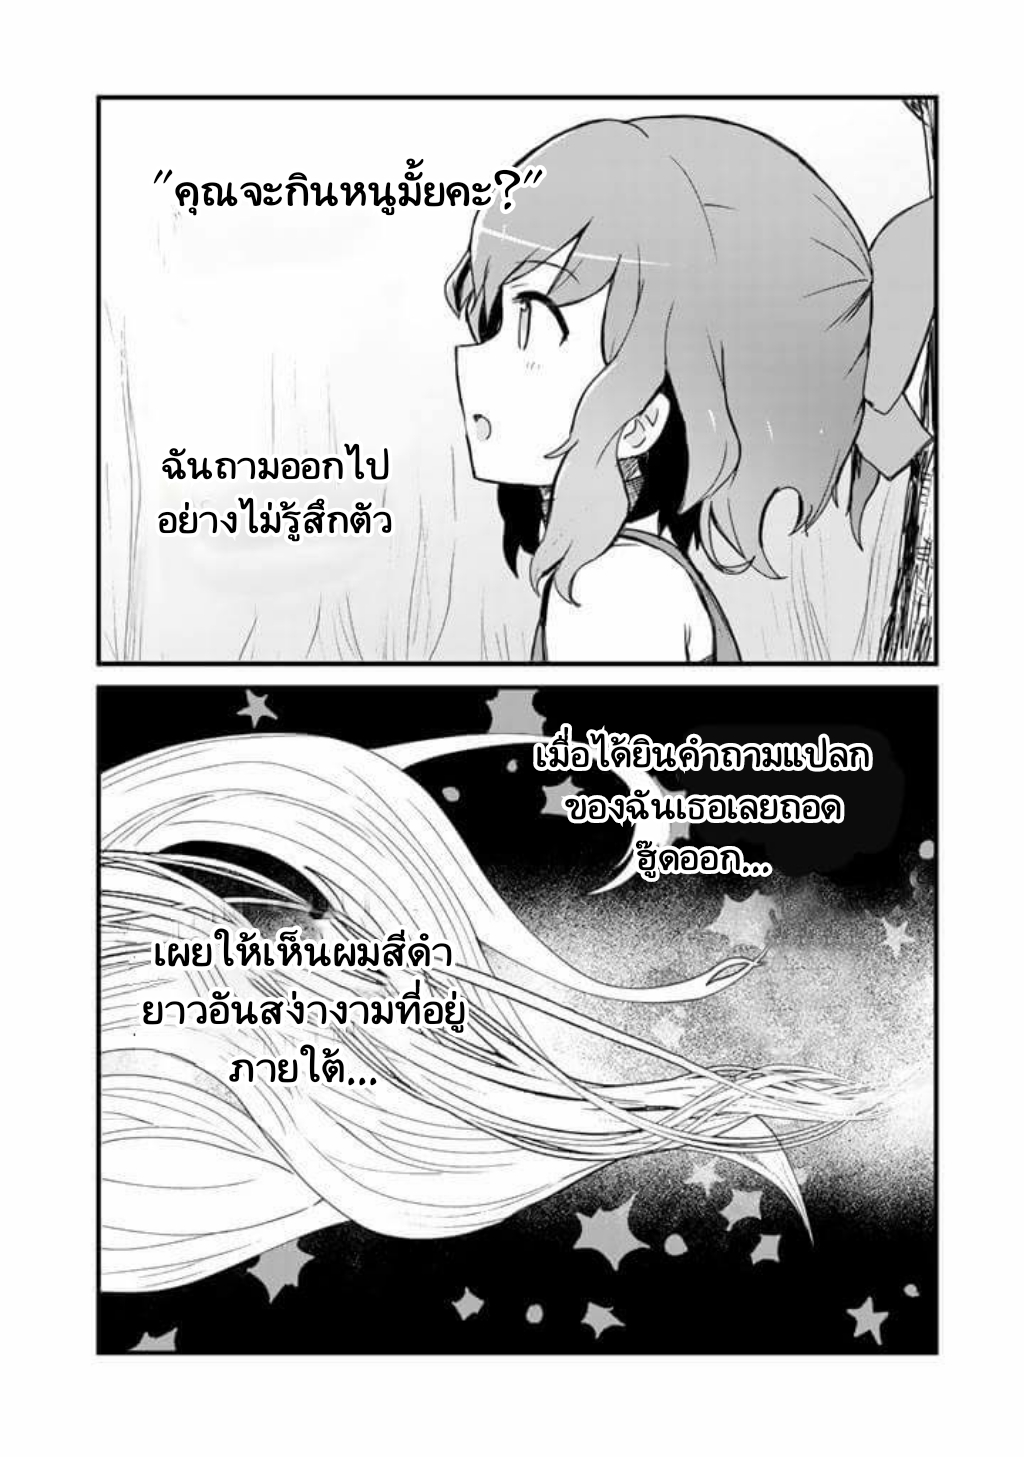 kuma kuma kuma bear ตอนที่ 10 TH แปลไทย